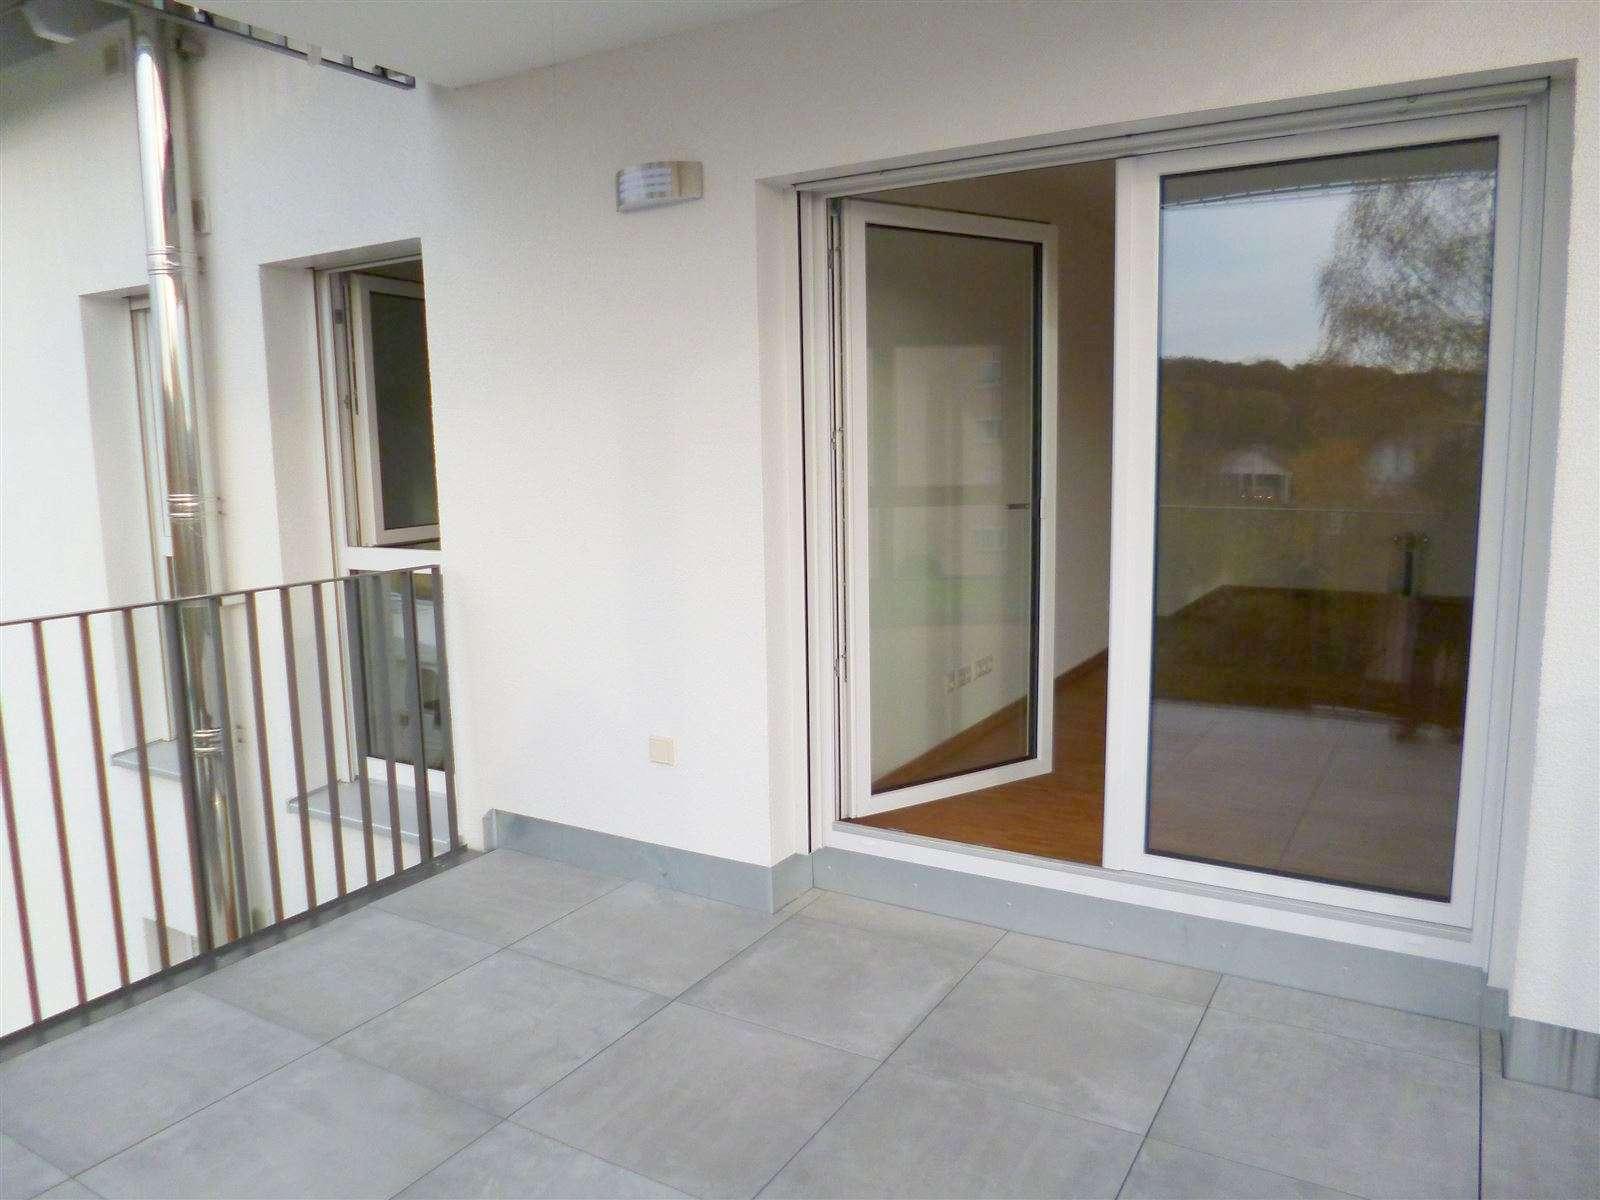 Erstbezug einer schicken 3Z-Wohnung mit hochwertiger Ausstattung in Rottendorf